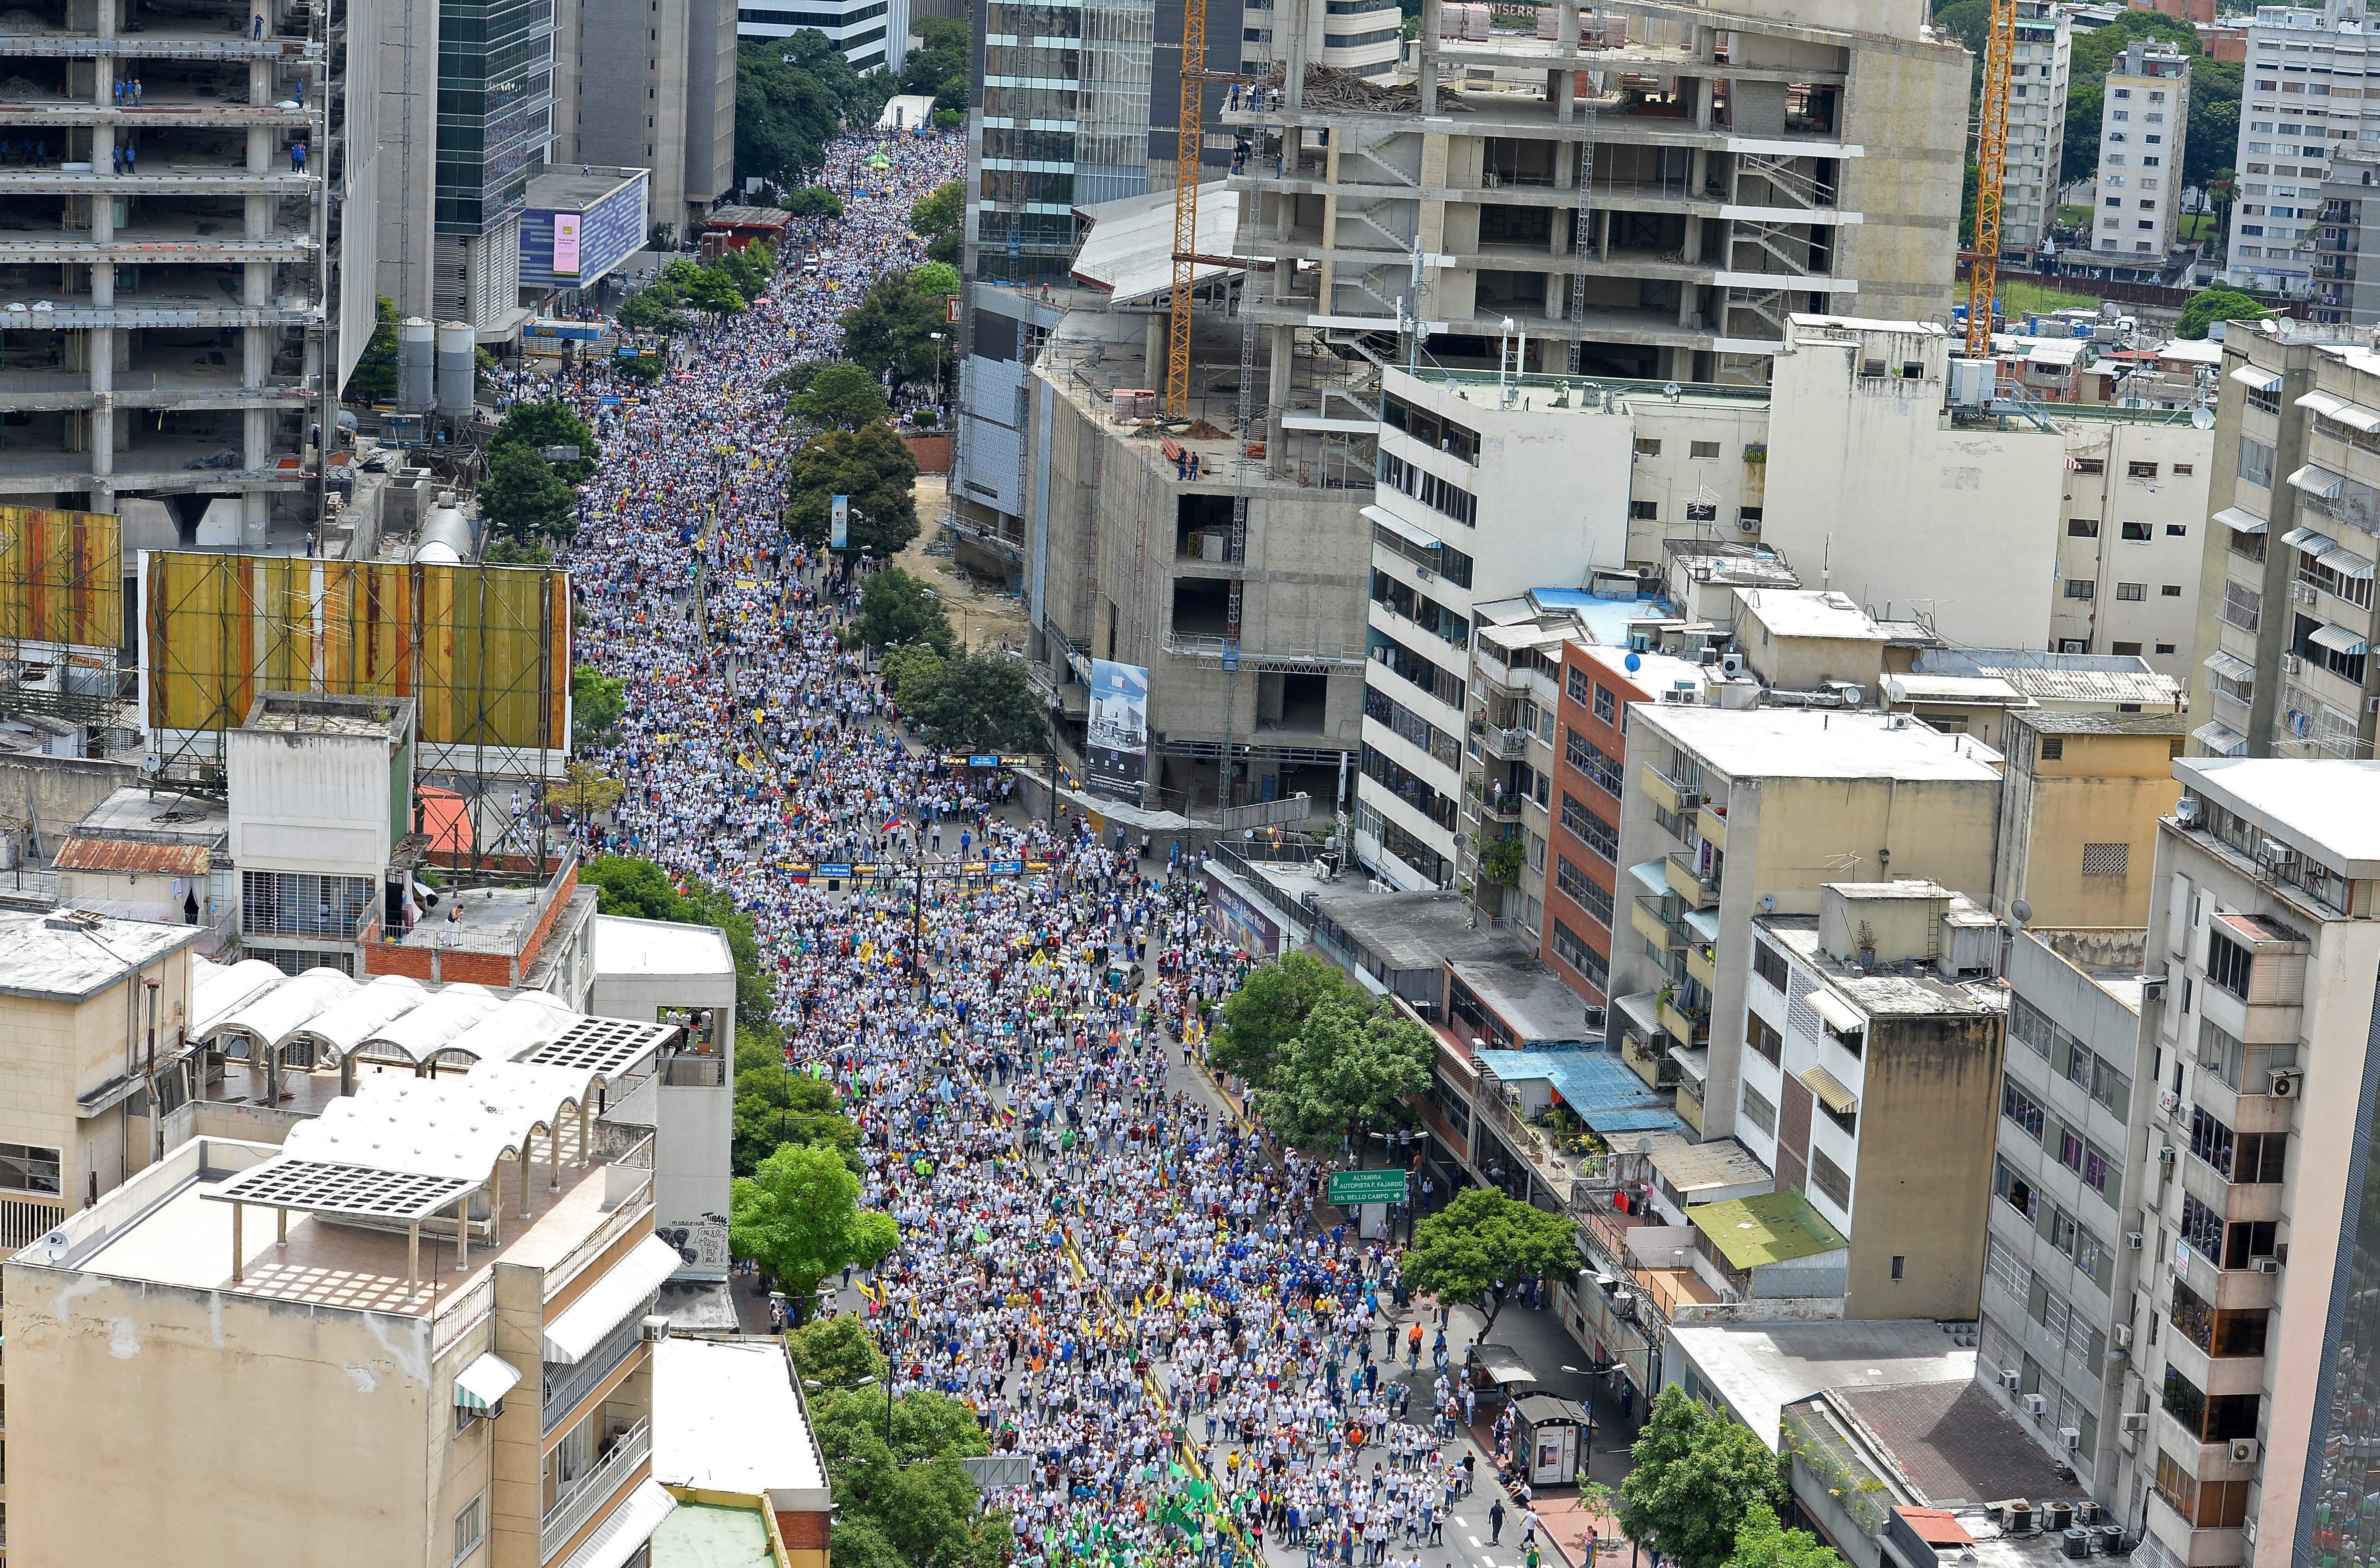 Venezuelan oppositions vows to keep up pressure on Maduro